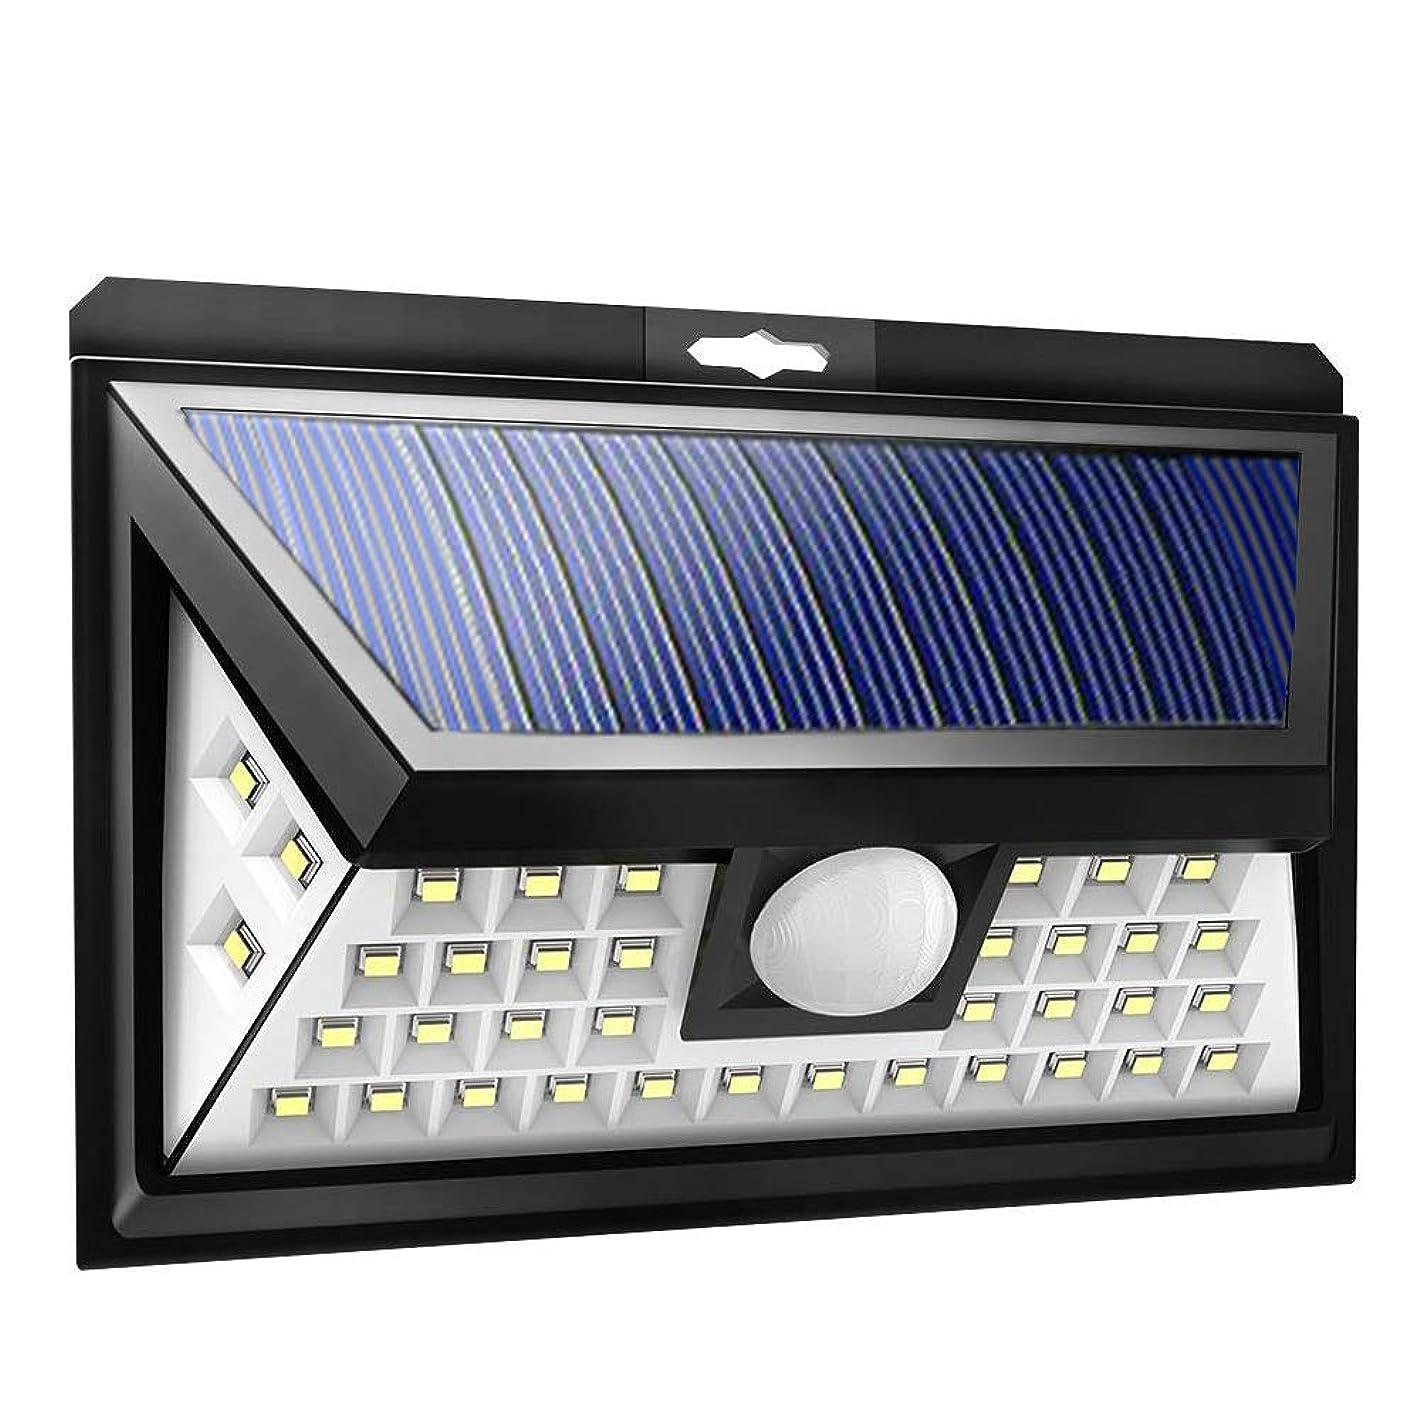 ピアースハリケーンかすれたセンサーライト 屋外 ソーラーライト 人感センサー 40LED 自動点灯 3つ知能モード 防水 最新版 三面 発光 270°広角照明 太陽光発電 外灯 庭 玄関灯 駐車場 改良版 (1個)